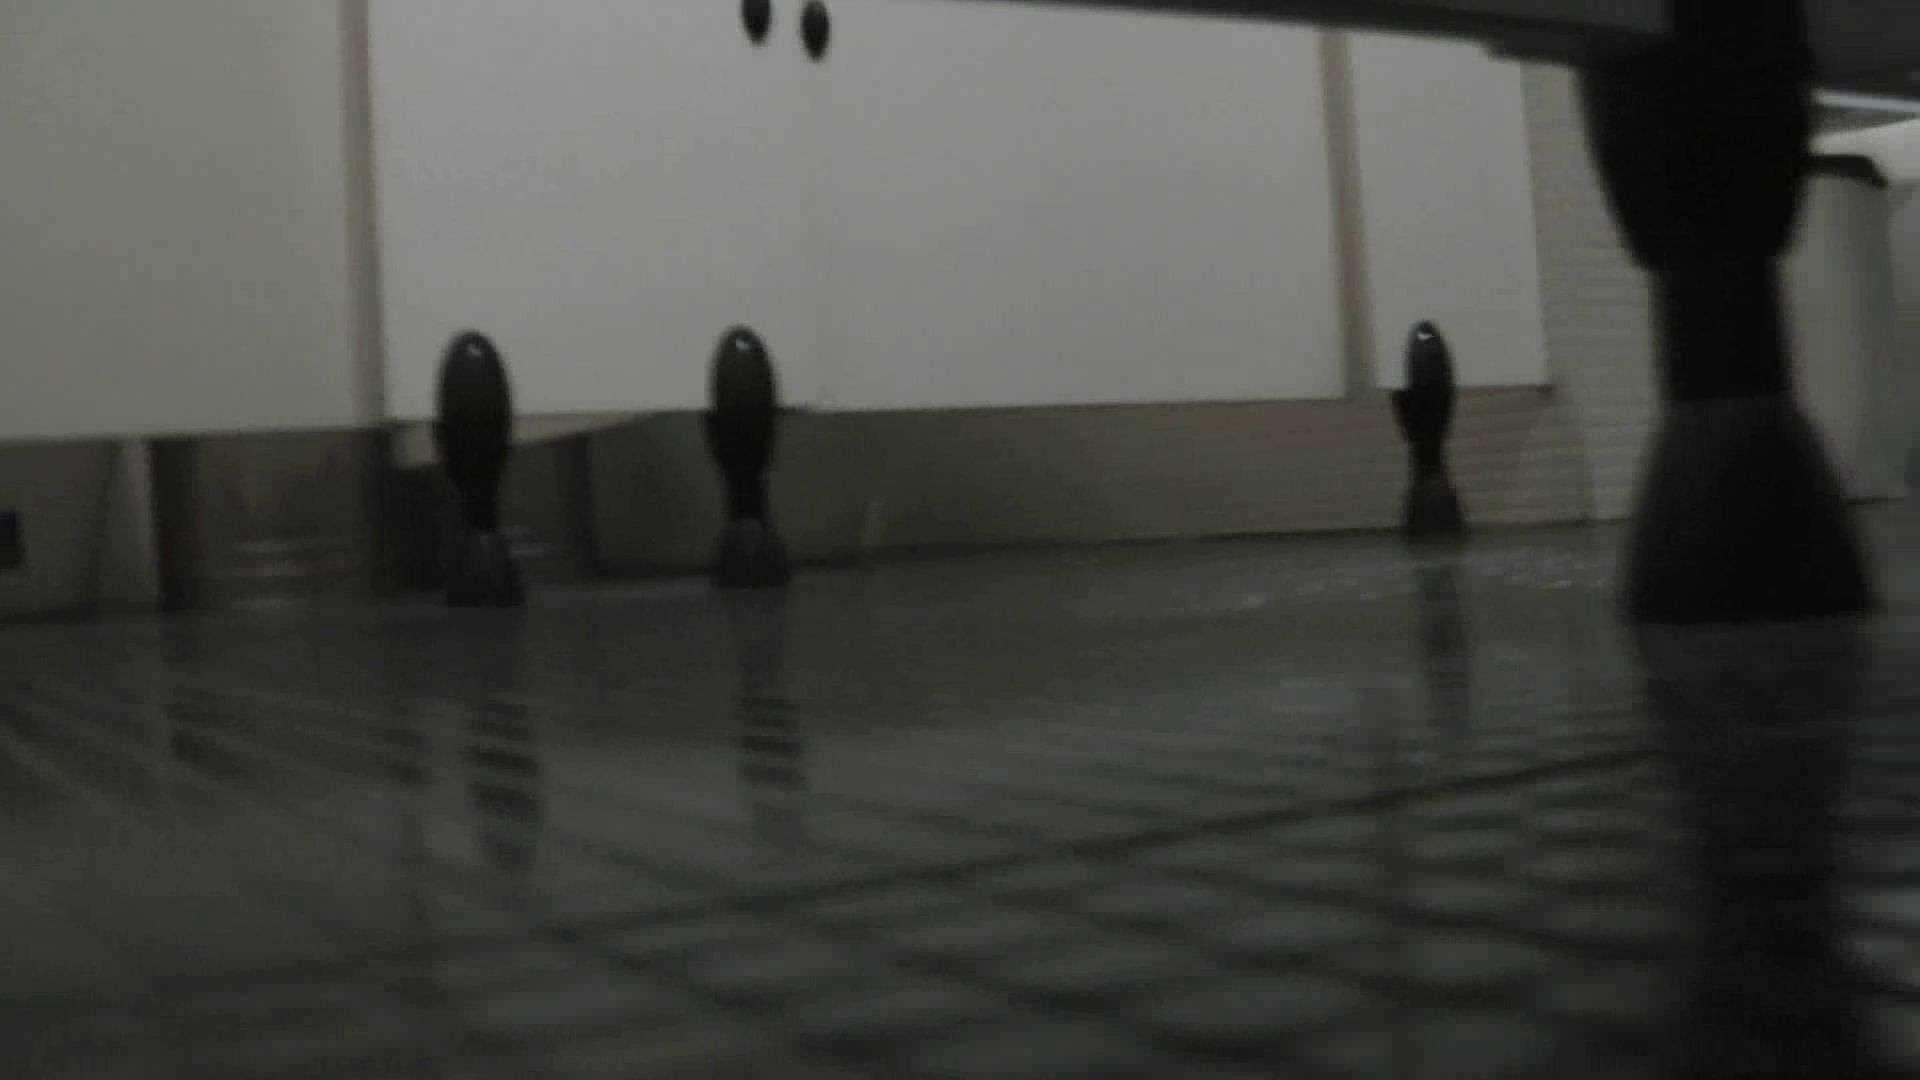 【日本成人用品展览会。超模如云】vol.01 着替 空爆 OLの実態   潜入  100pic 40